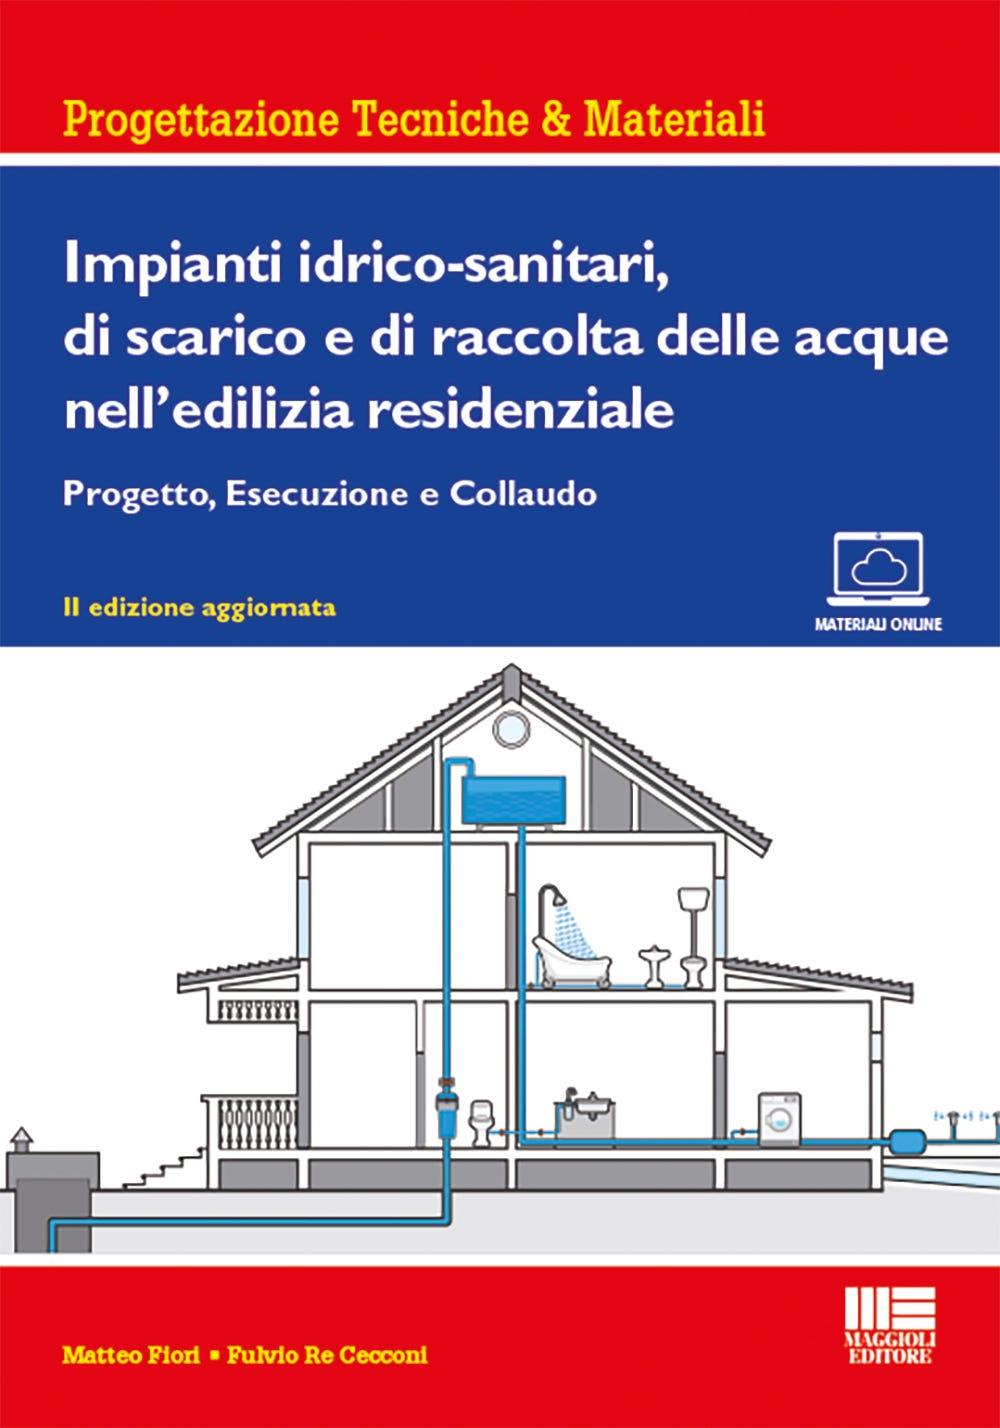 Impianti idrico-sanitari, di scarico e di raccolta delle acque nell'edilizia residenziale